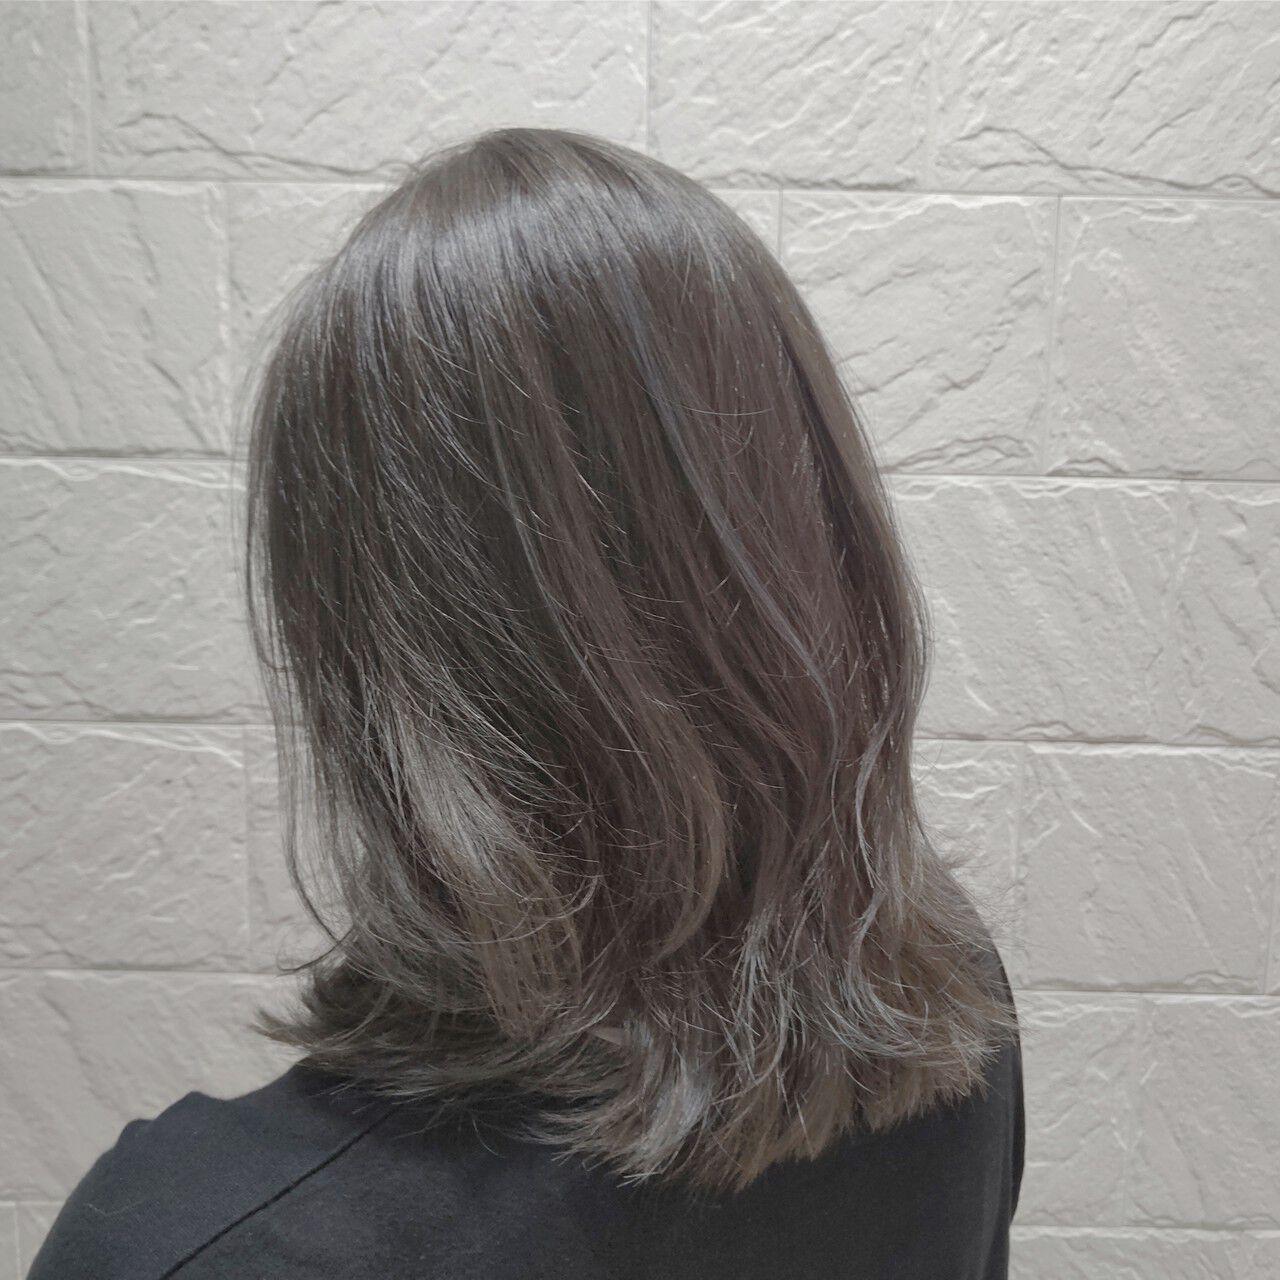 グレージュ シルバー ミディアム ナチュラルヘアスタイルや髪型の写真・画像